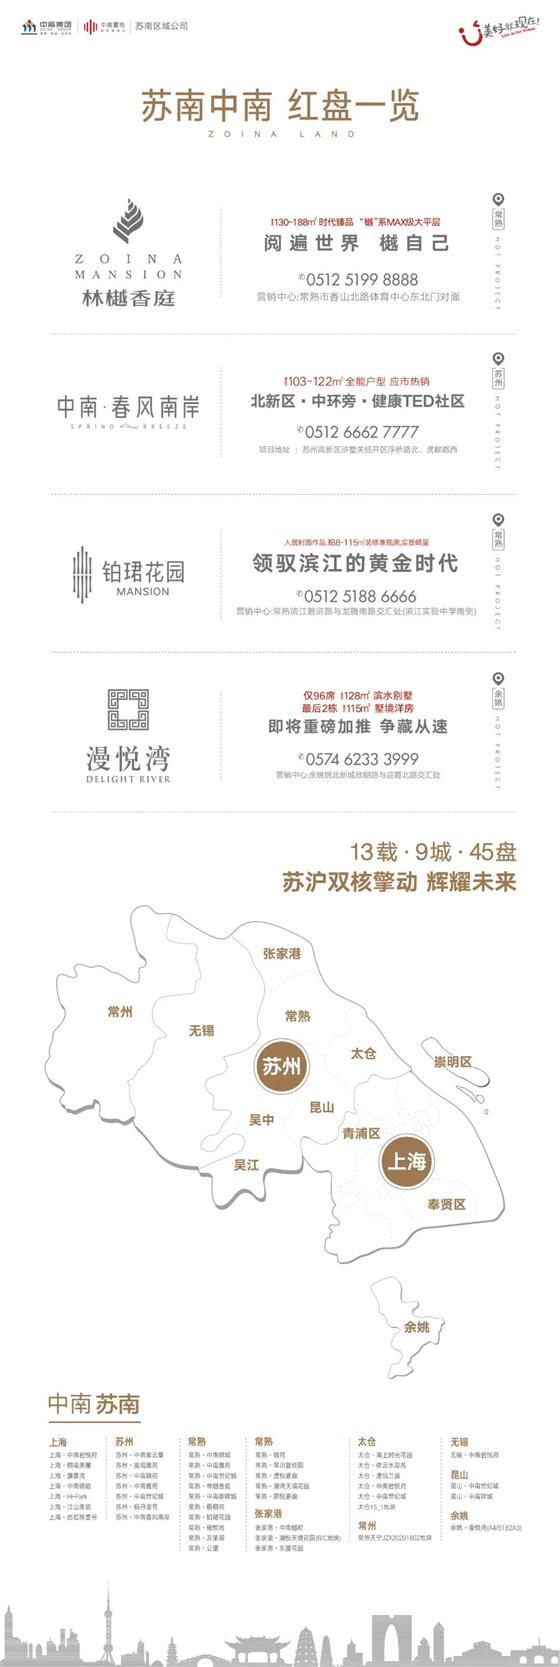 看中南如何焕新?林樾香庭150样板间10月11日邀您共鉴!